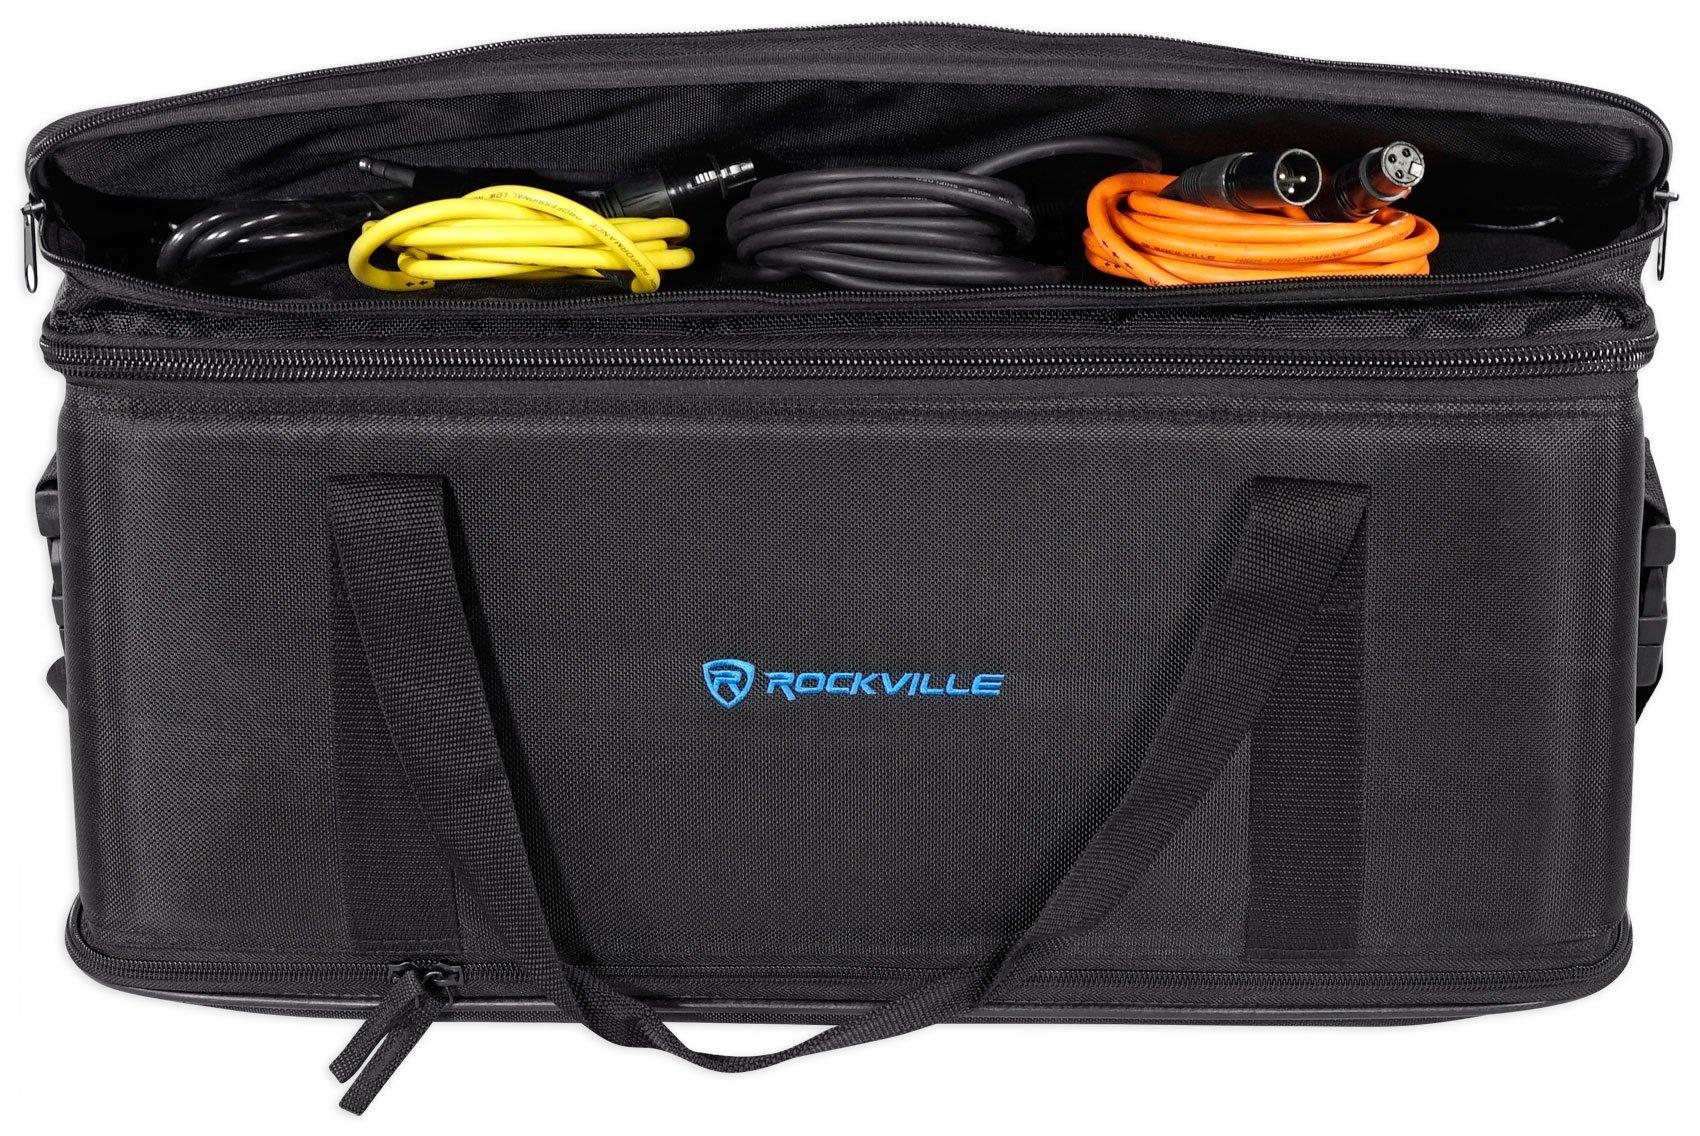 Rockville 3U Rack Bag Double-Sided Case with 12'' Depth + Shoulder Strap (RRB30) by Rockville (Image #7)